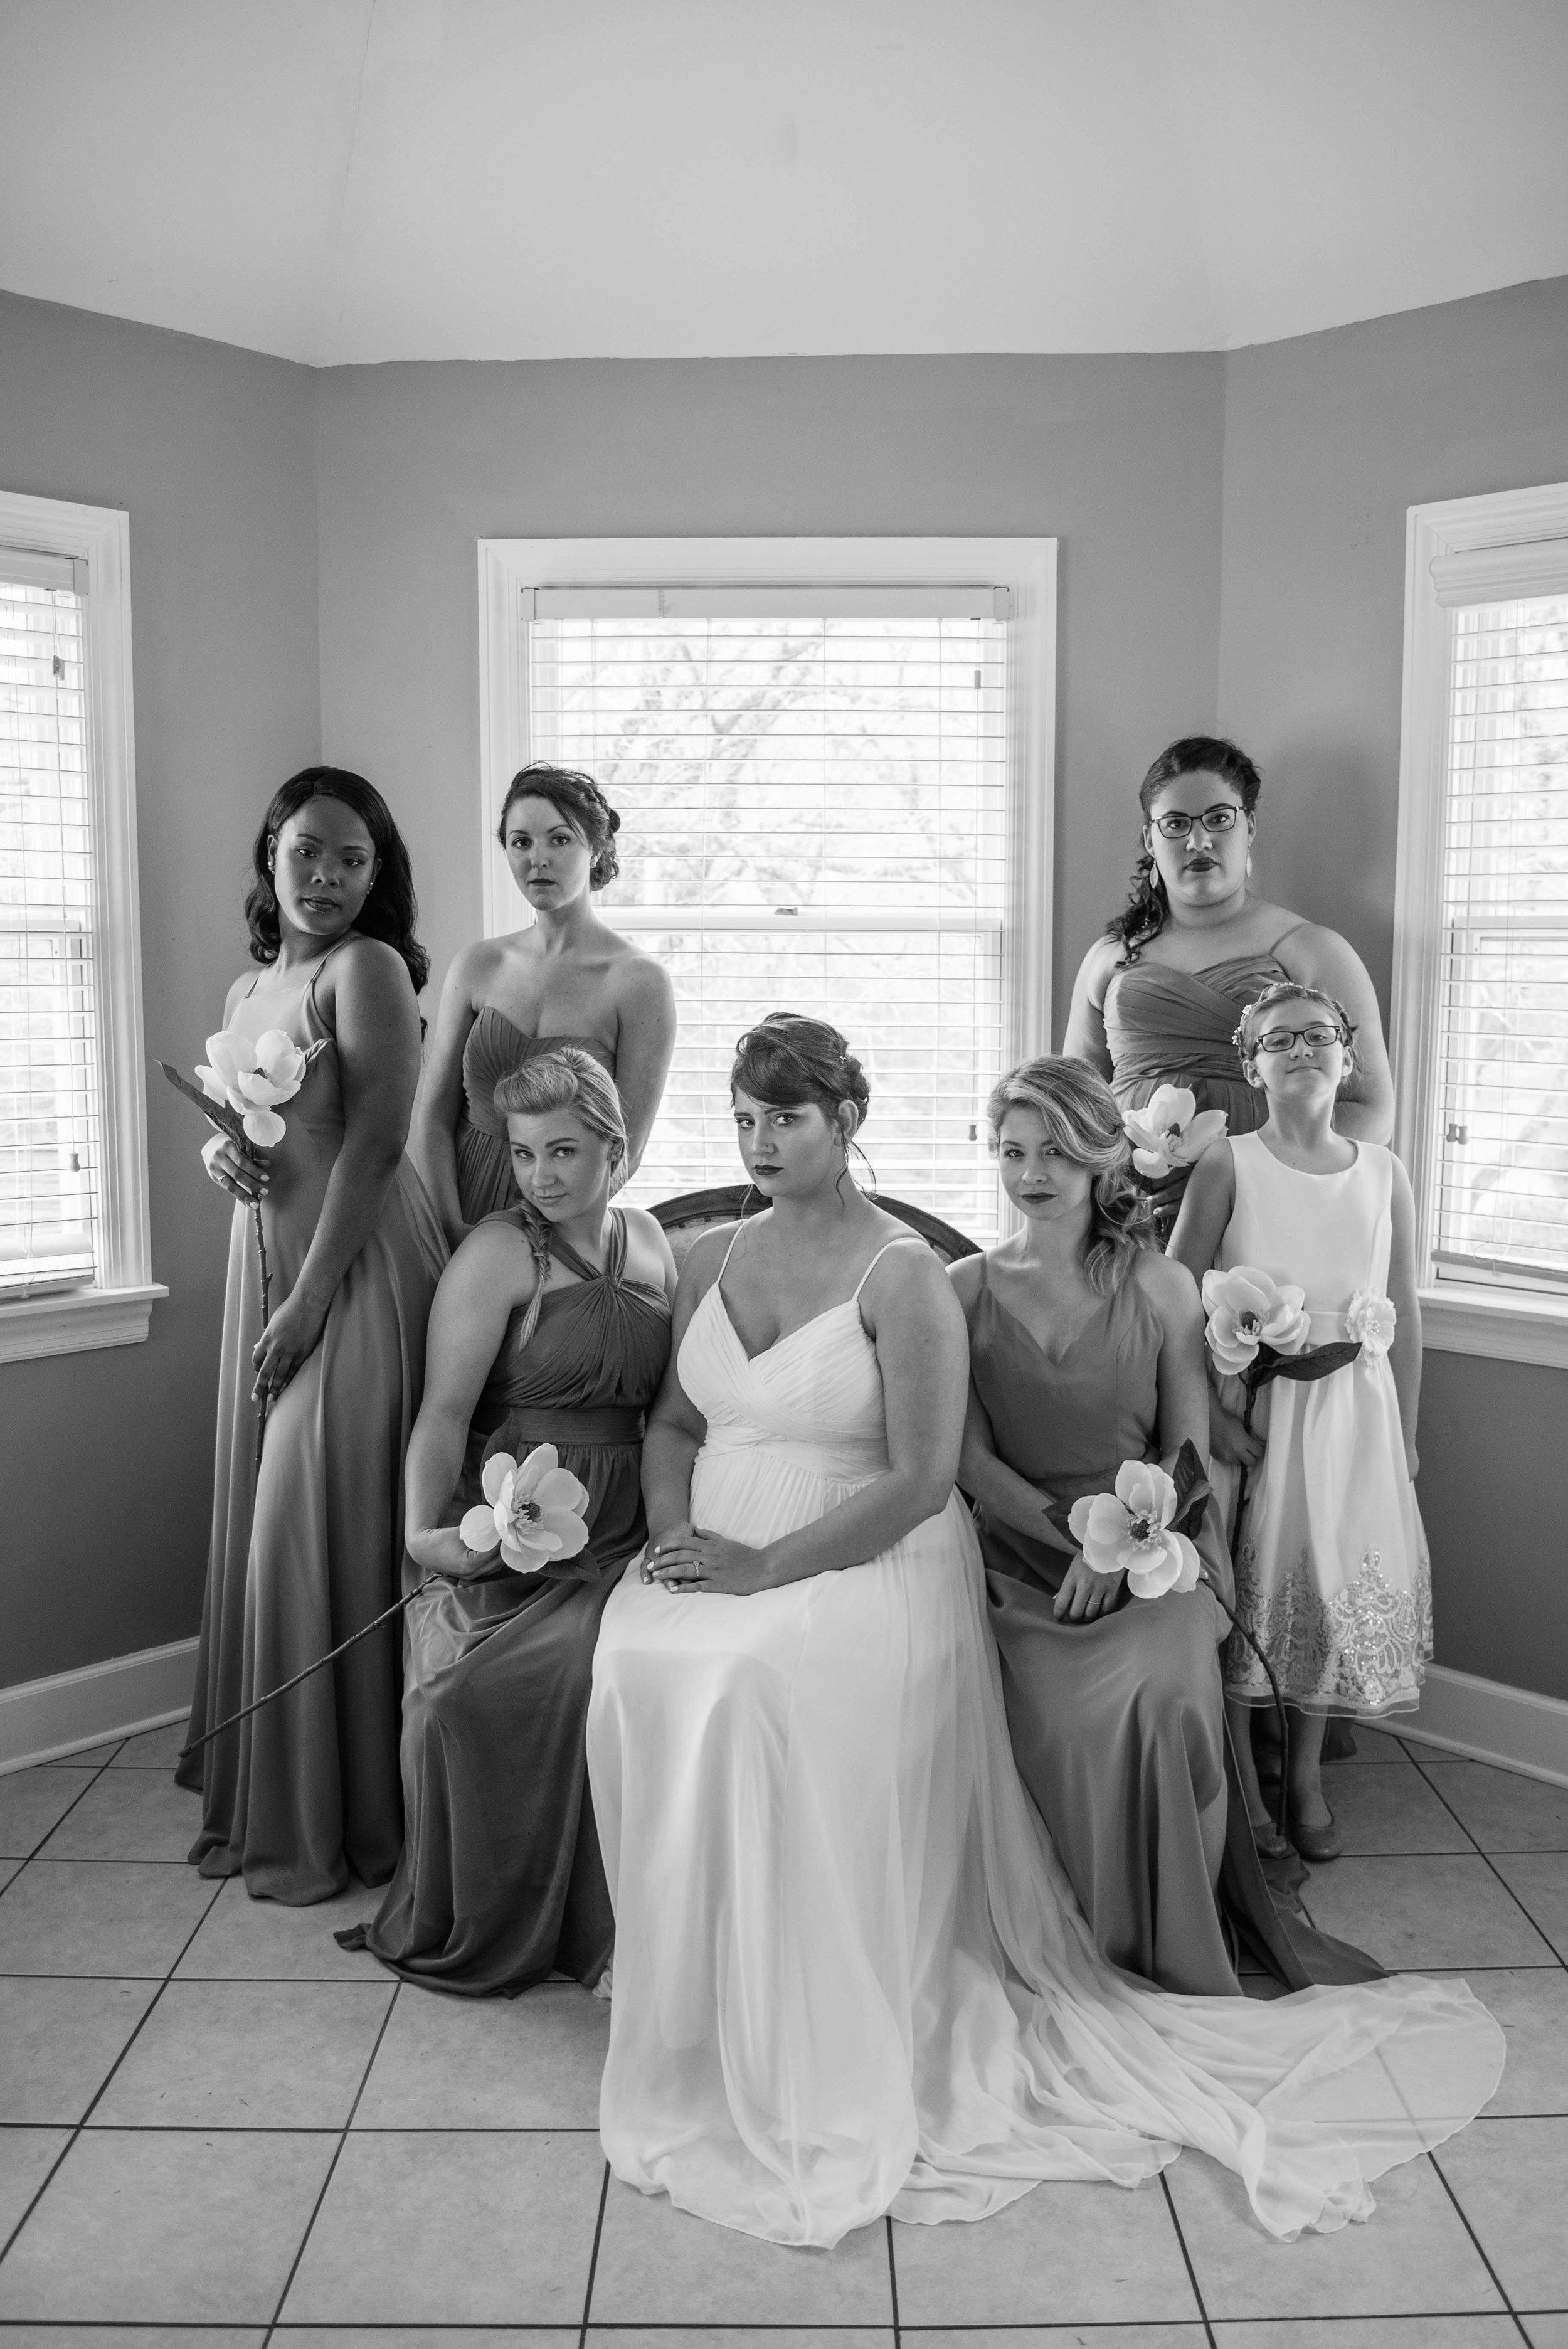 weddingpartyb&w-002.jpg